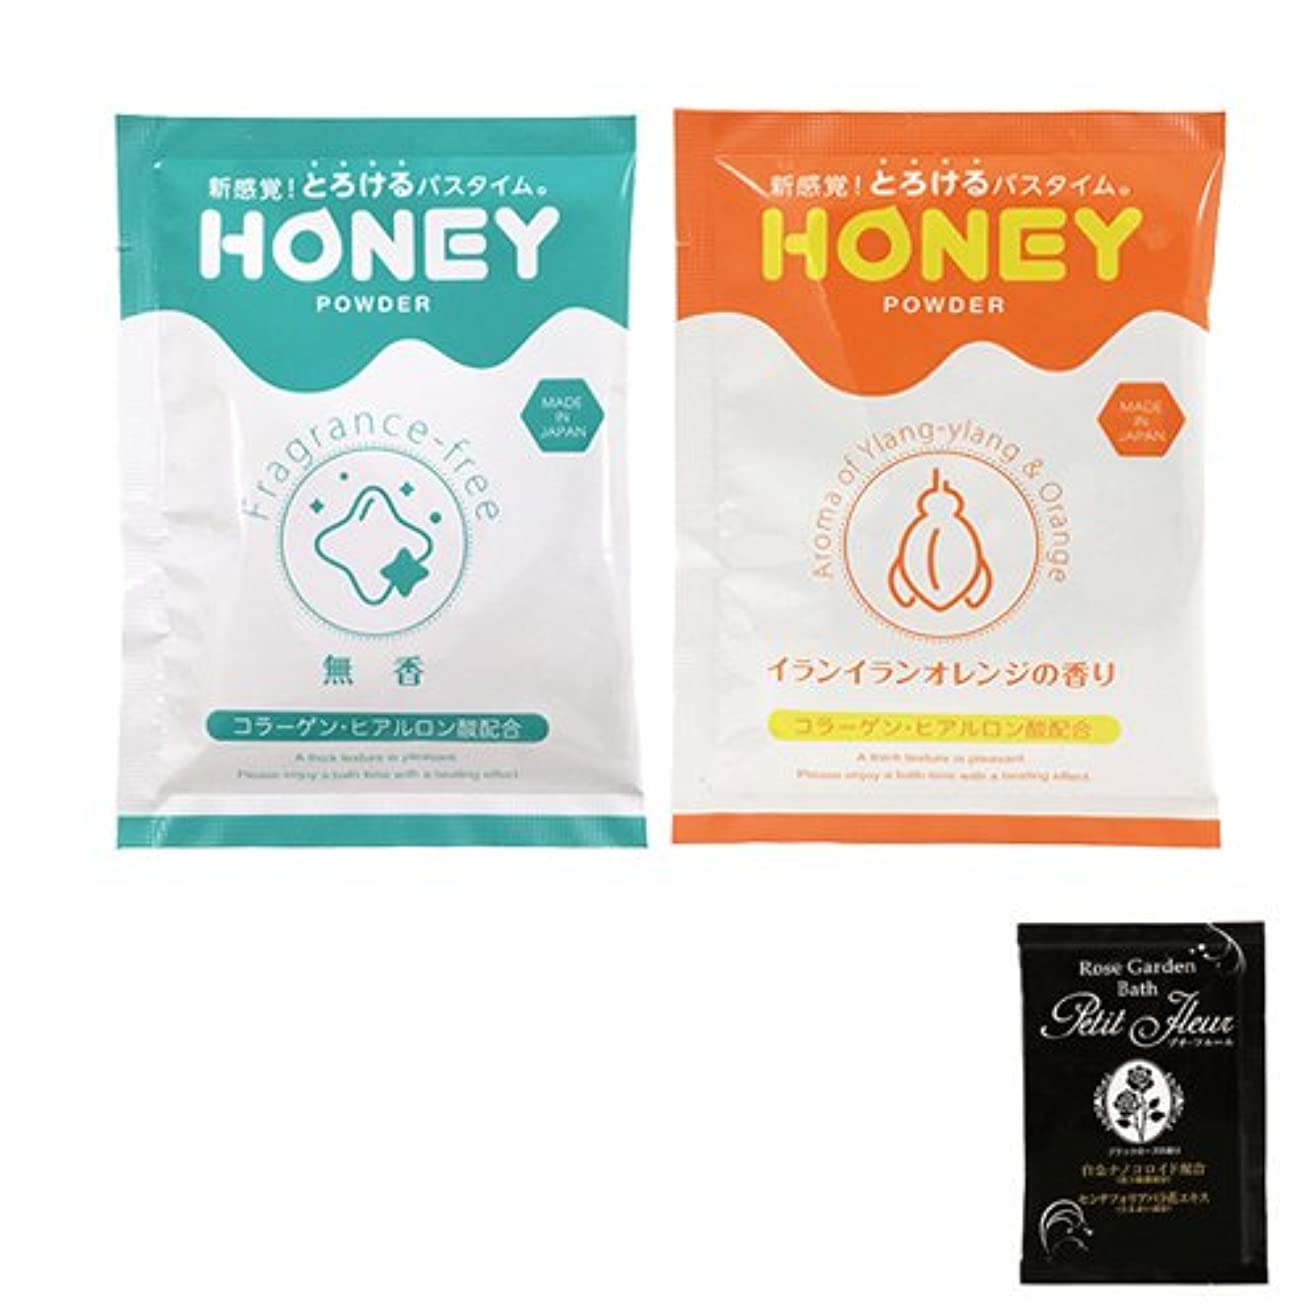 小競り合い星悪意のあるとろとろ入浴剤【honey powder】粉末タイプ イランイランオレンジの香り + 無香 + 入浴剤(プチフルール)1回分